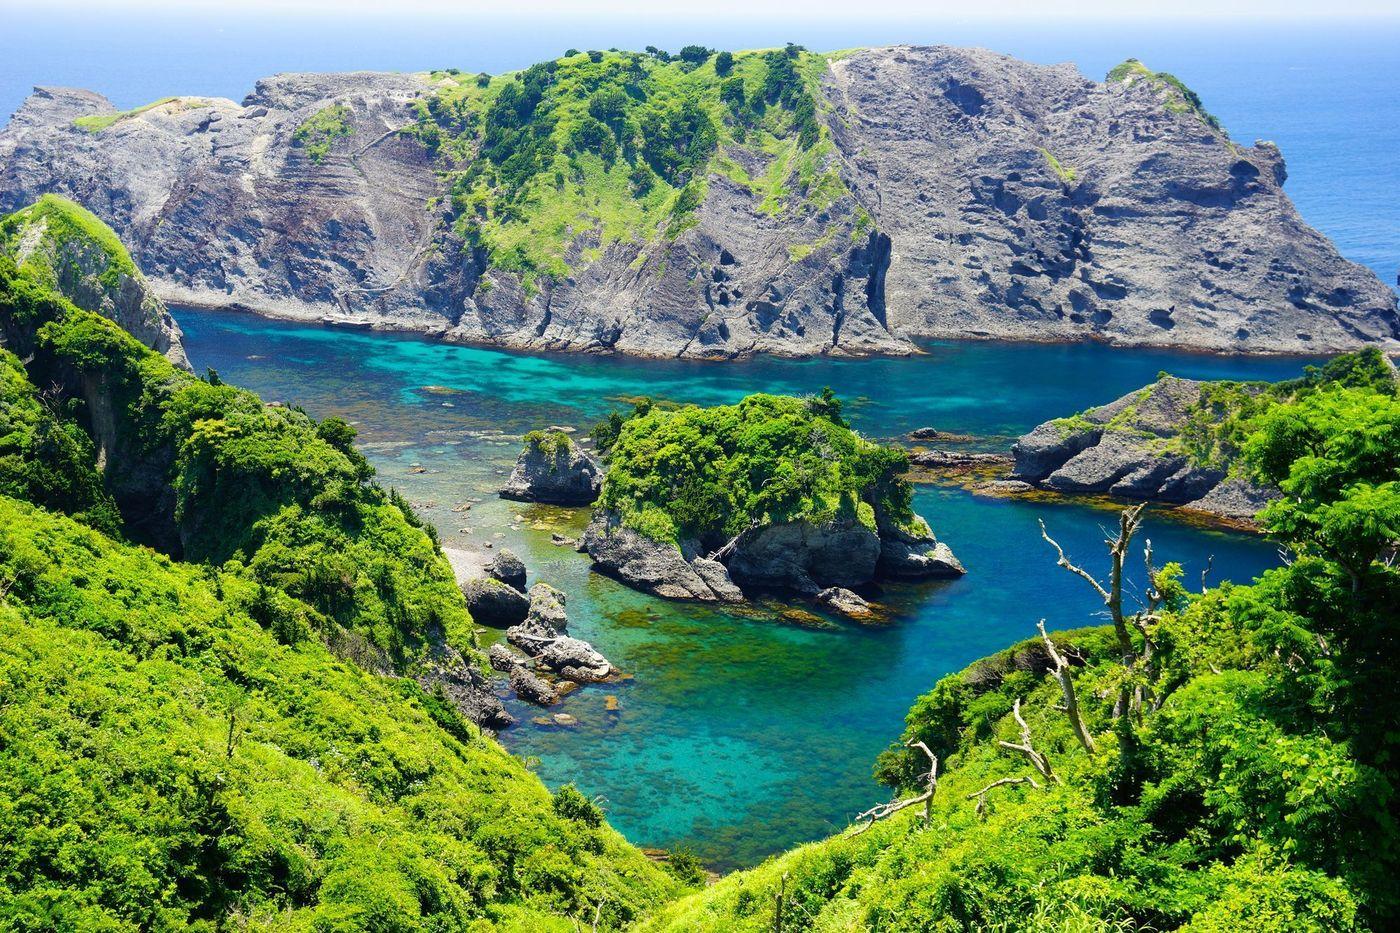 静岡 県 観光 【公式】静岡県のおすすめ観光スポット満載!ハローナビしずおか